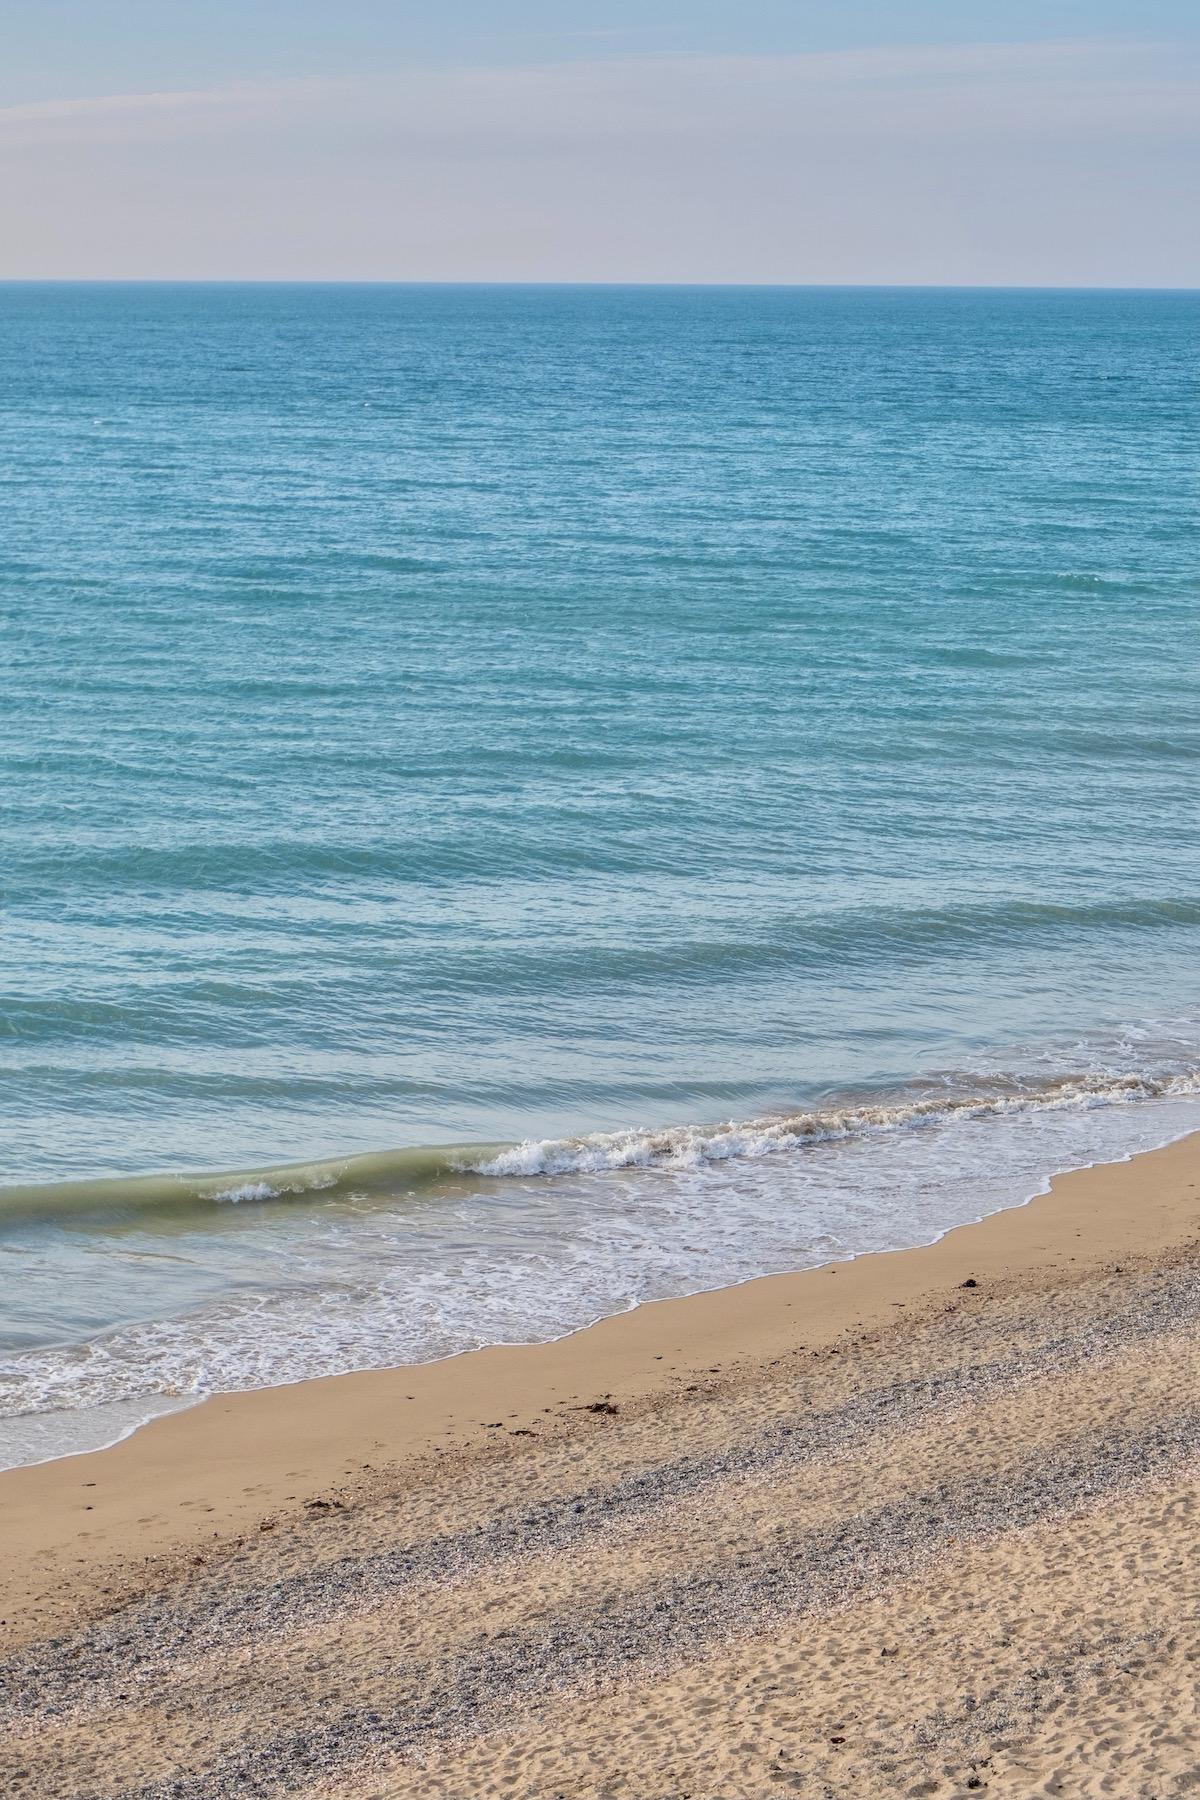 weekend getaway in carolles, normandy beach